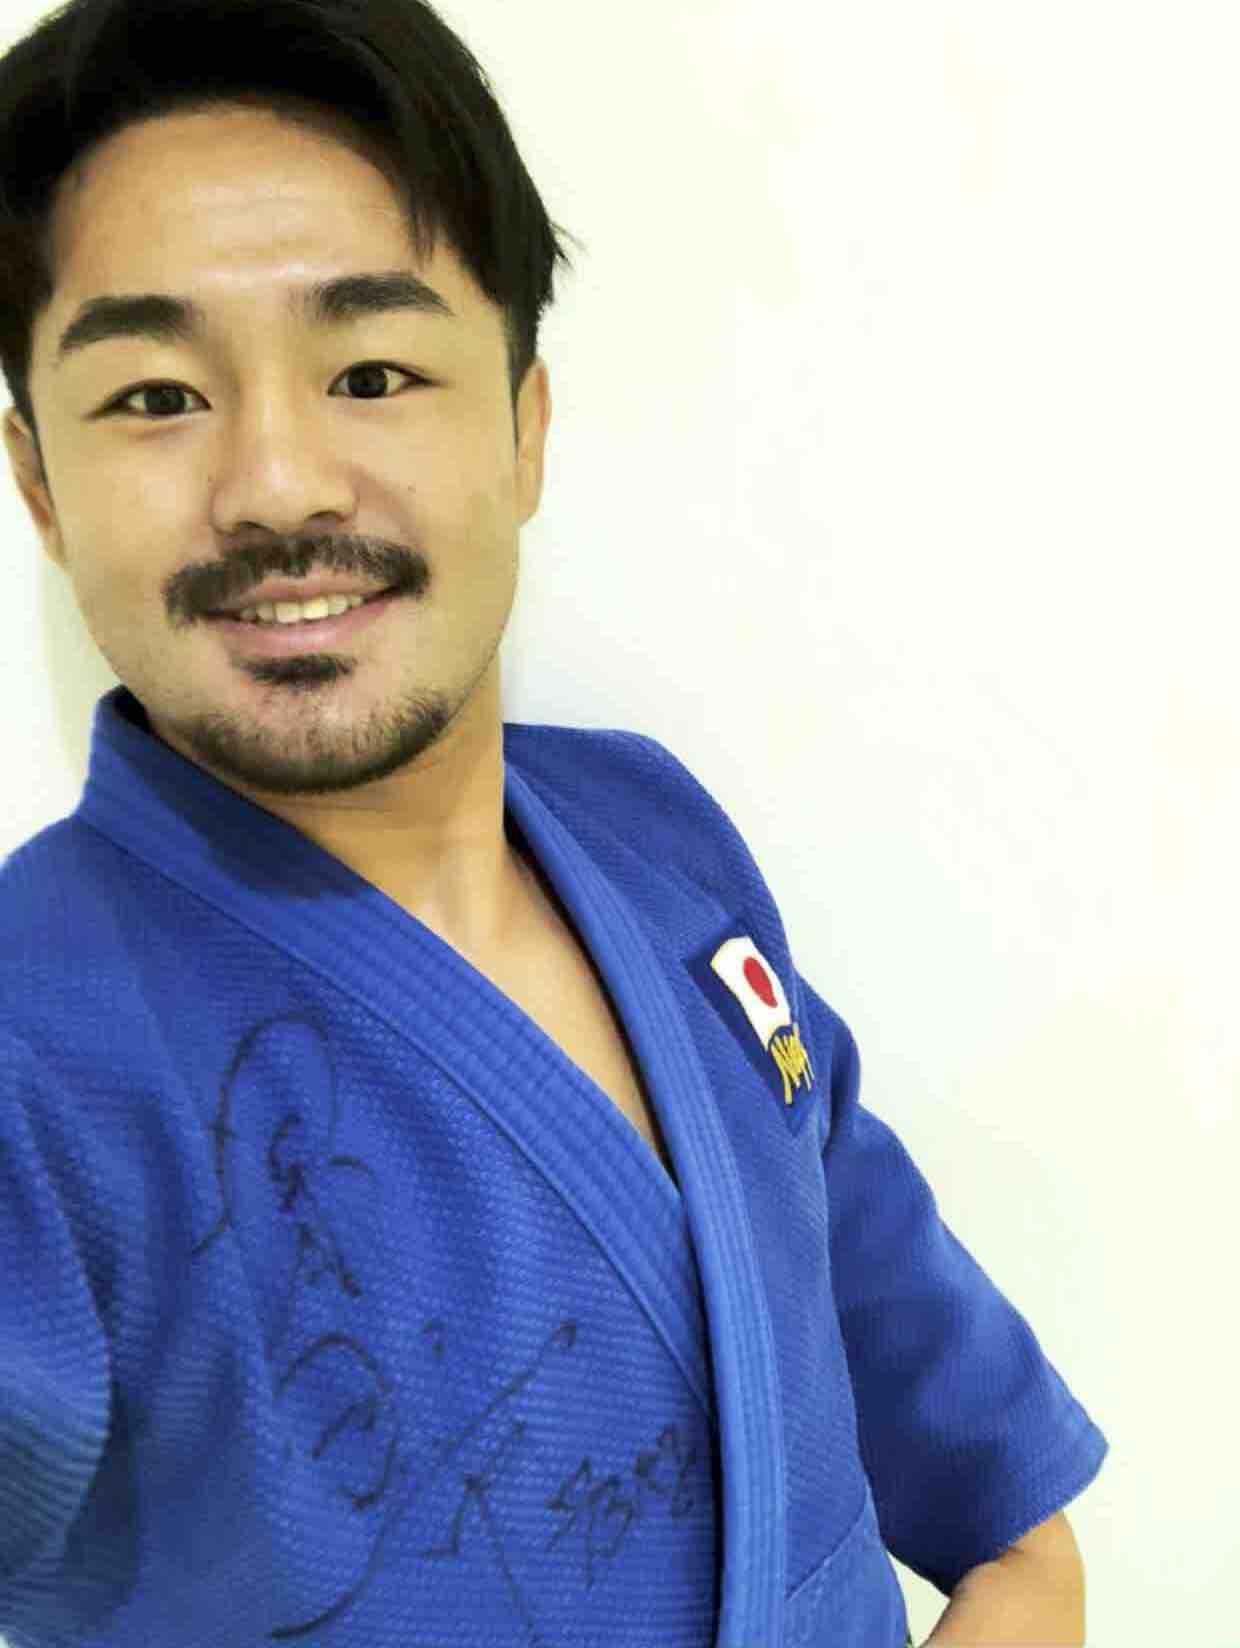 【全柔連公式】橋本 壮市 選手